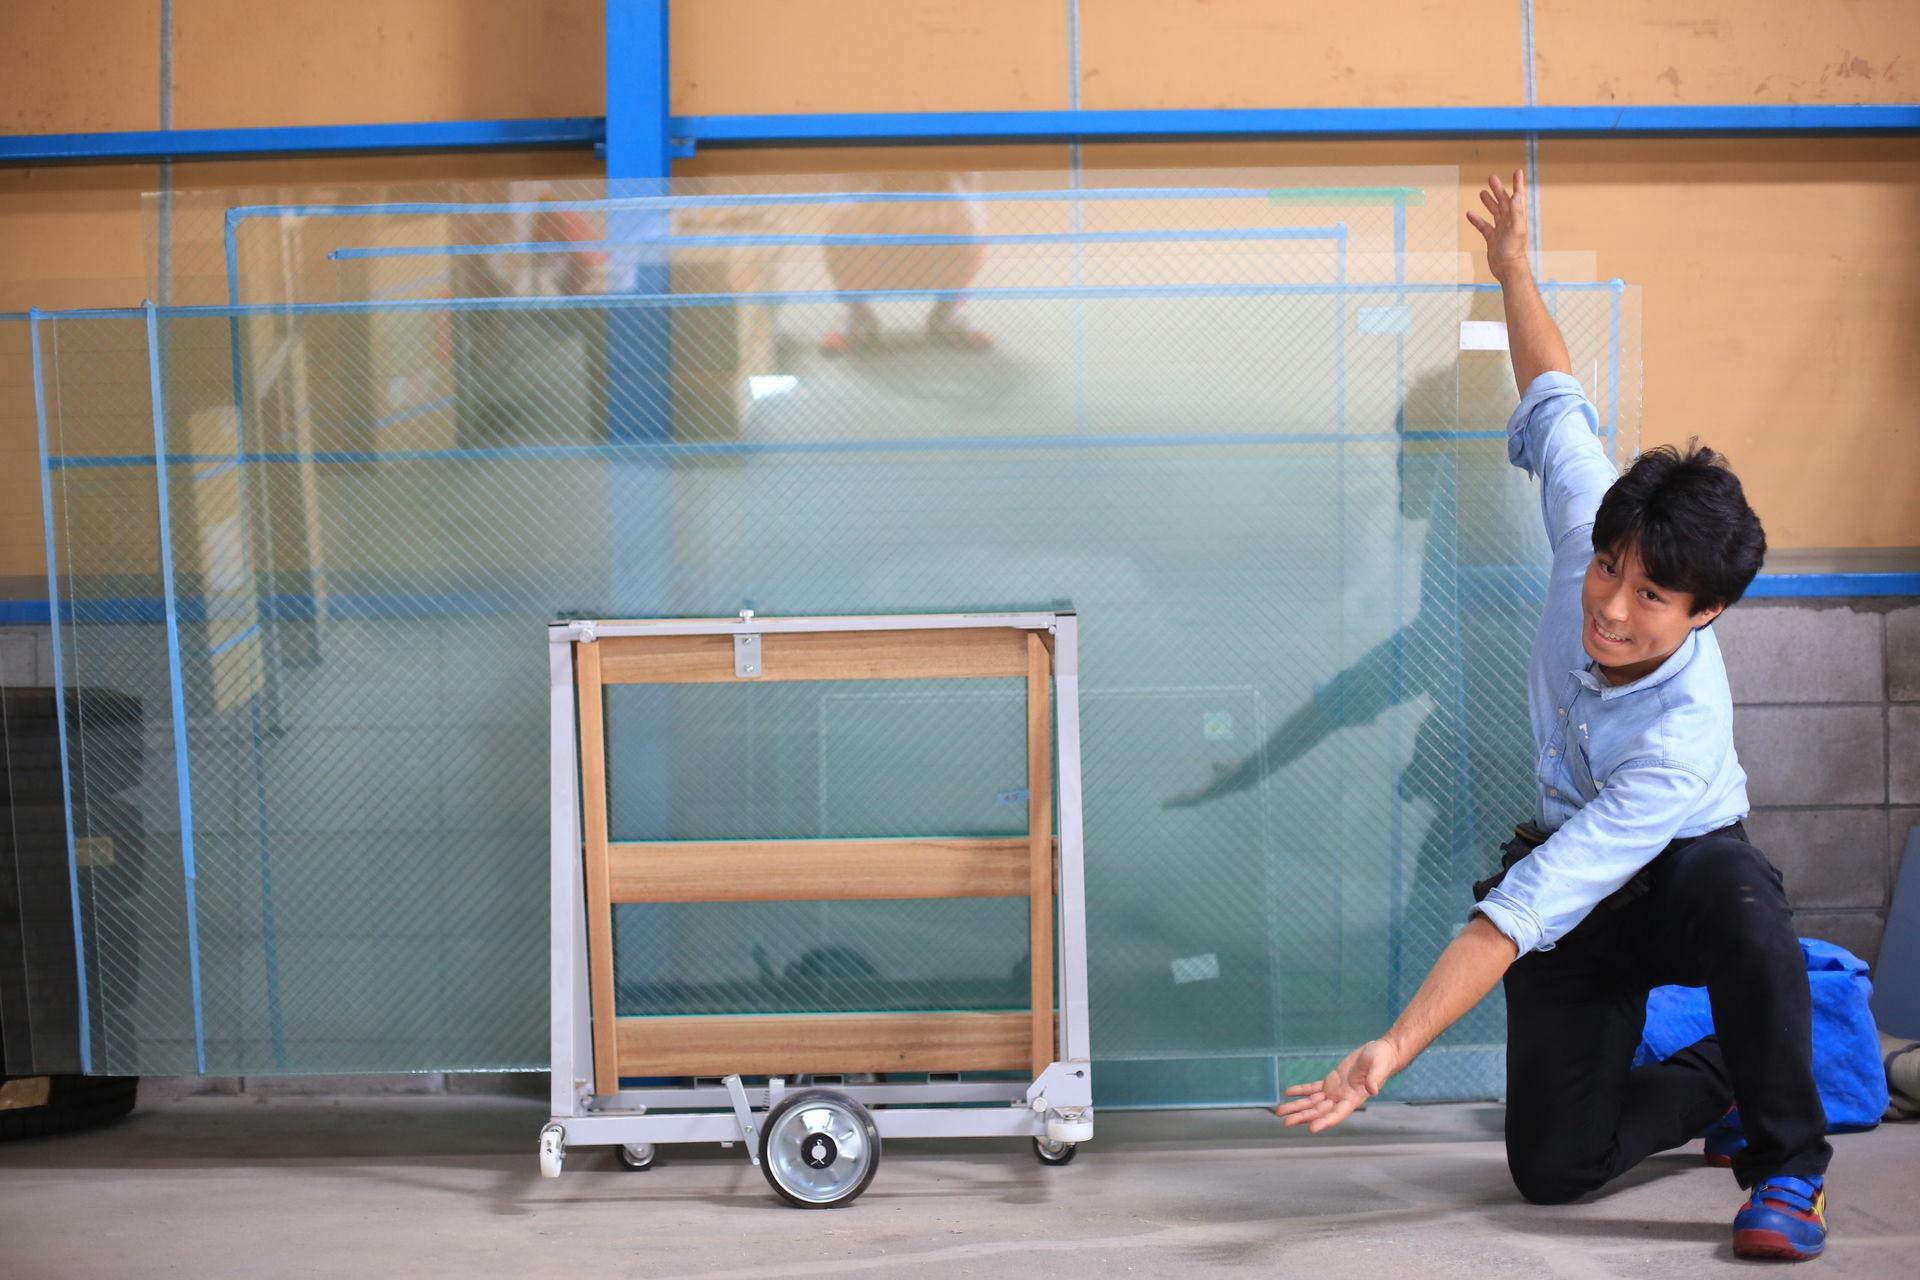 ガラスのトラブル救急車【大阪市平野区 出張エリア】の店内・外観画像2